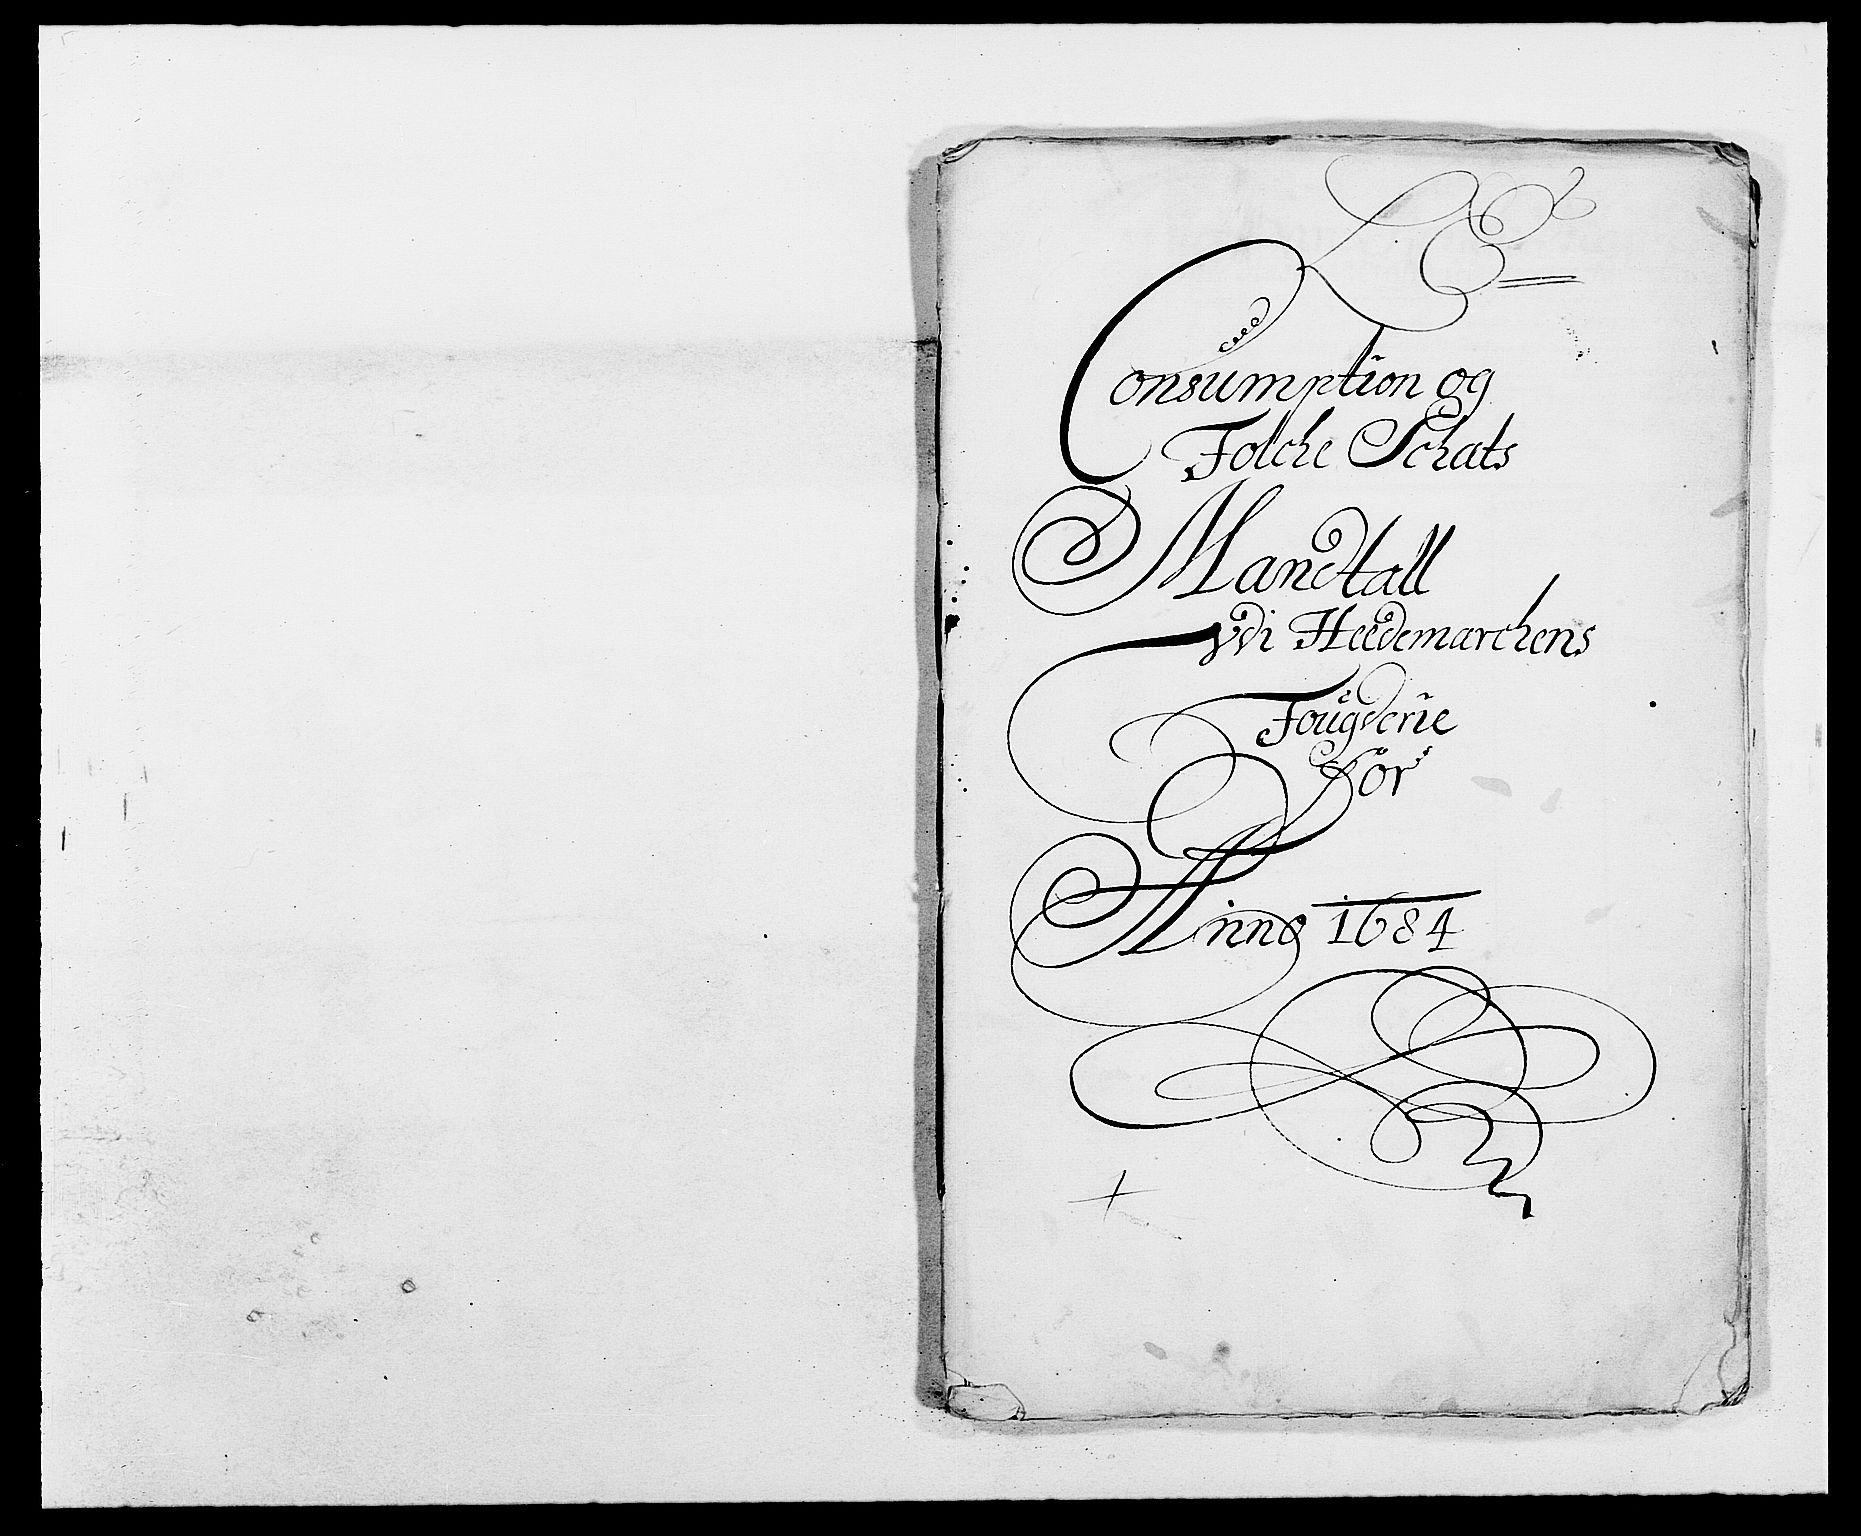 RA, Rentekammeret inntil 1814, Reviderte regnskaper, Fogderegnskap, R16/L1025: Fogderegnskap Hedmark, 1684, s. 272